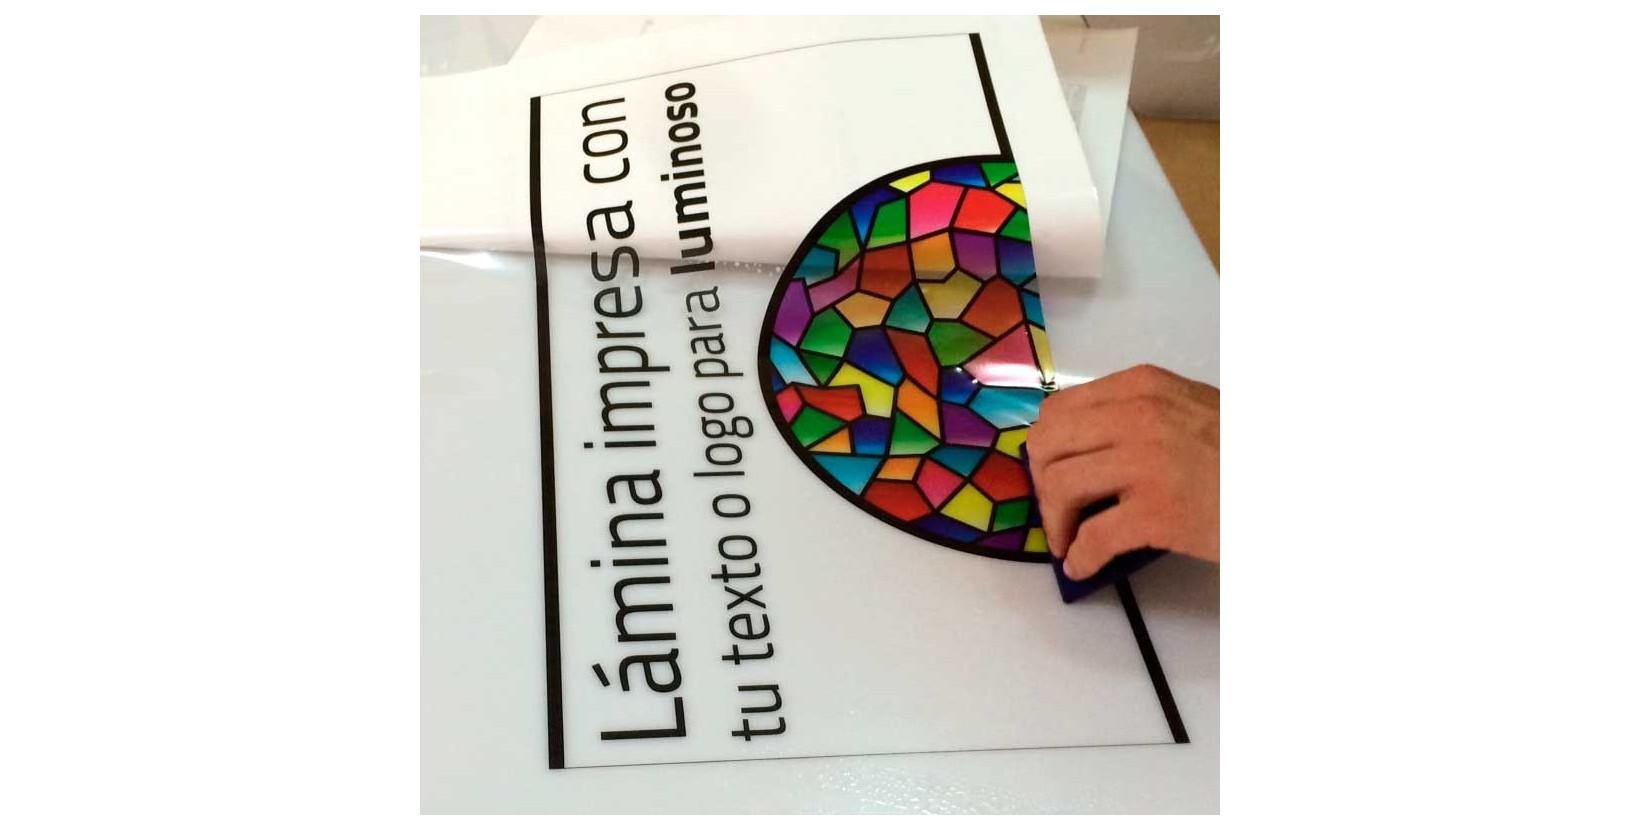 Vinilo adhesivo para r tulo luminoso vinilos para banderolas - Fotos en vinilo adhesivo ...